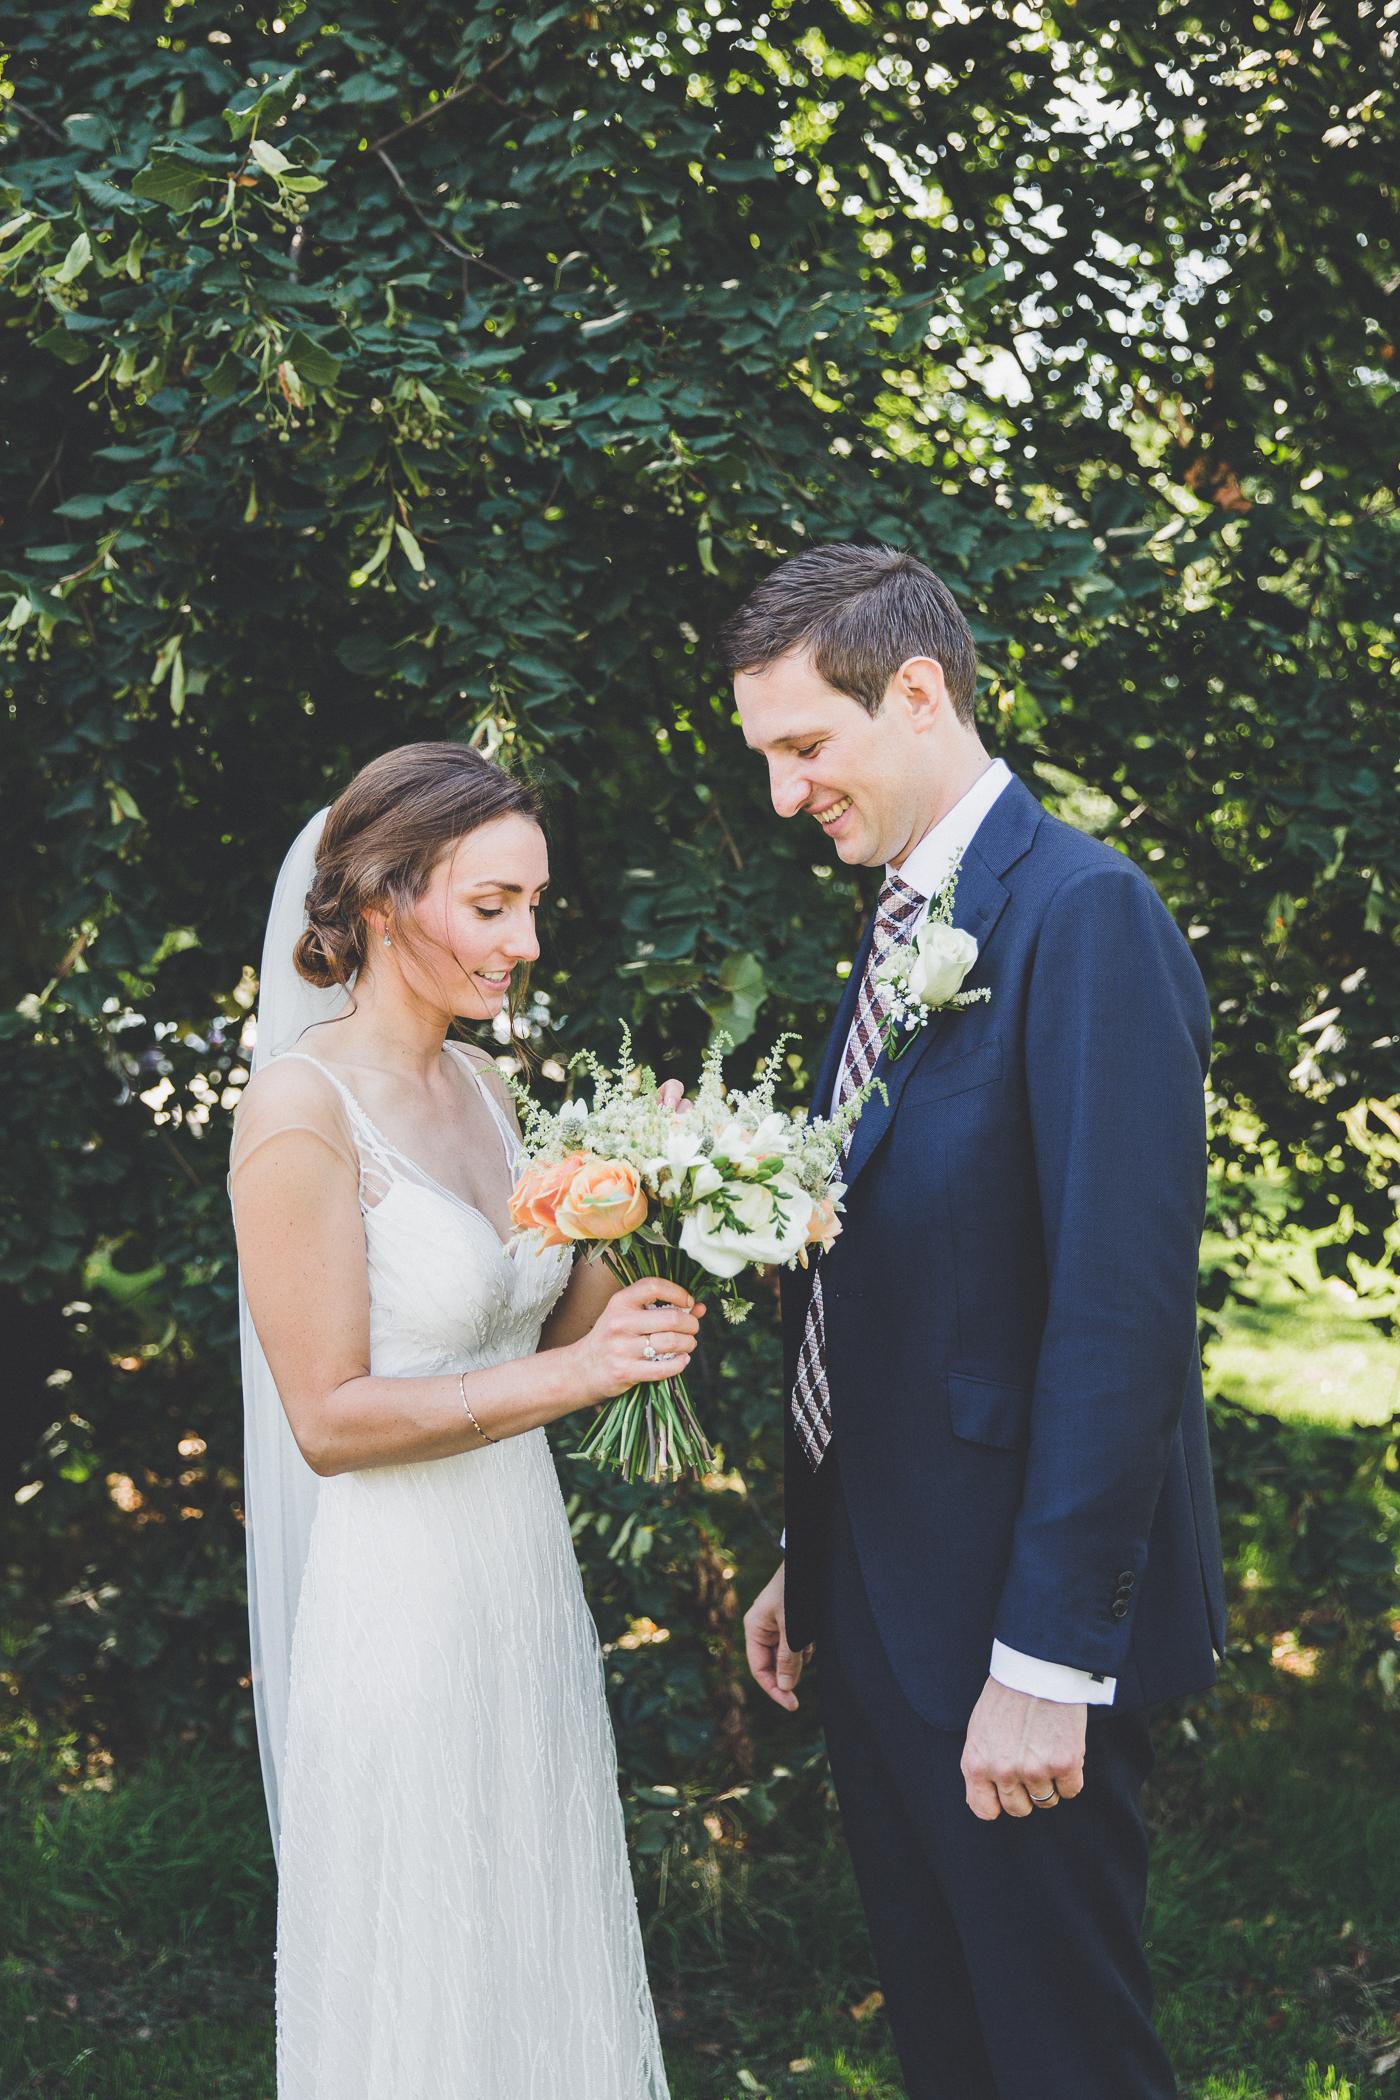 london-wedding-photographer-47.jpg